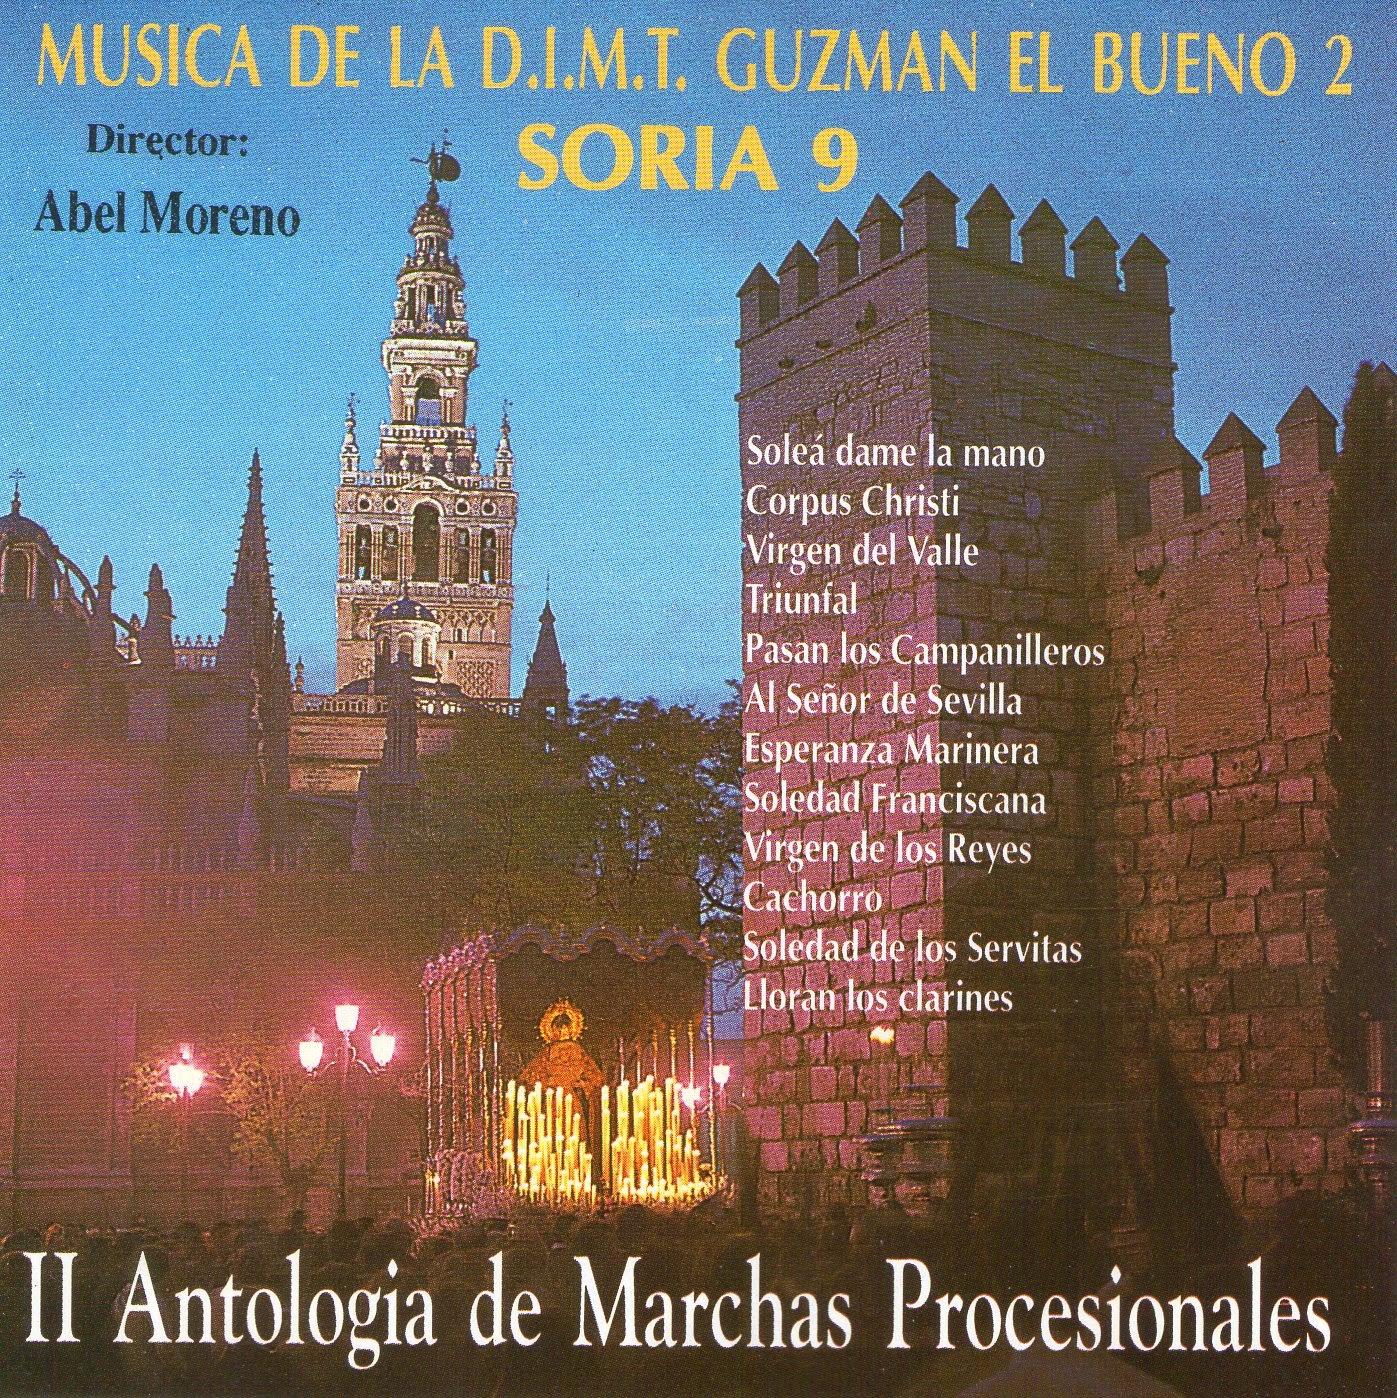 Discografía Abel Moreno - Soria 9